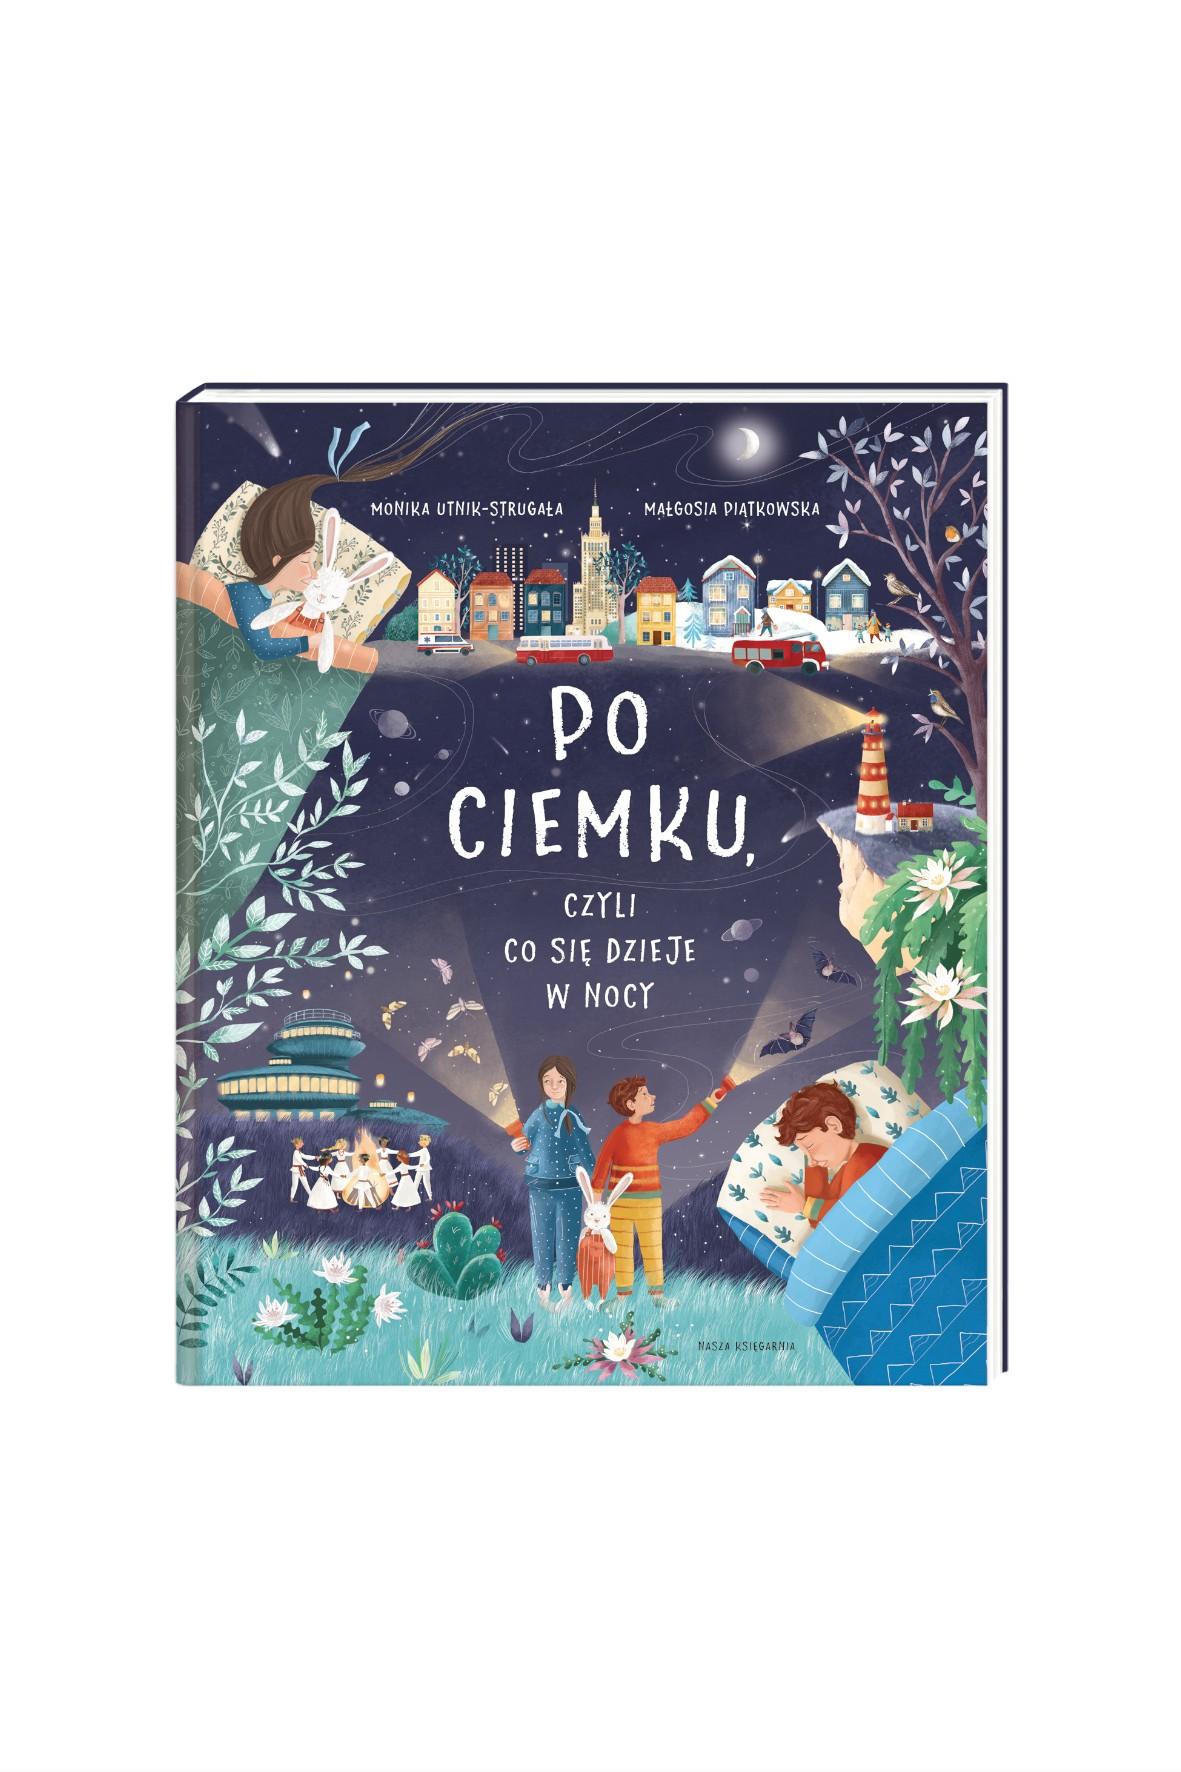 Po ciemku, czyli co się dzieje w nocy-książka dla dzieci